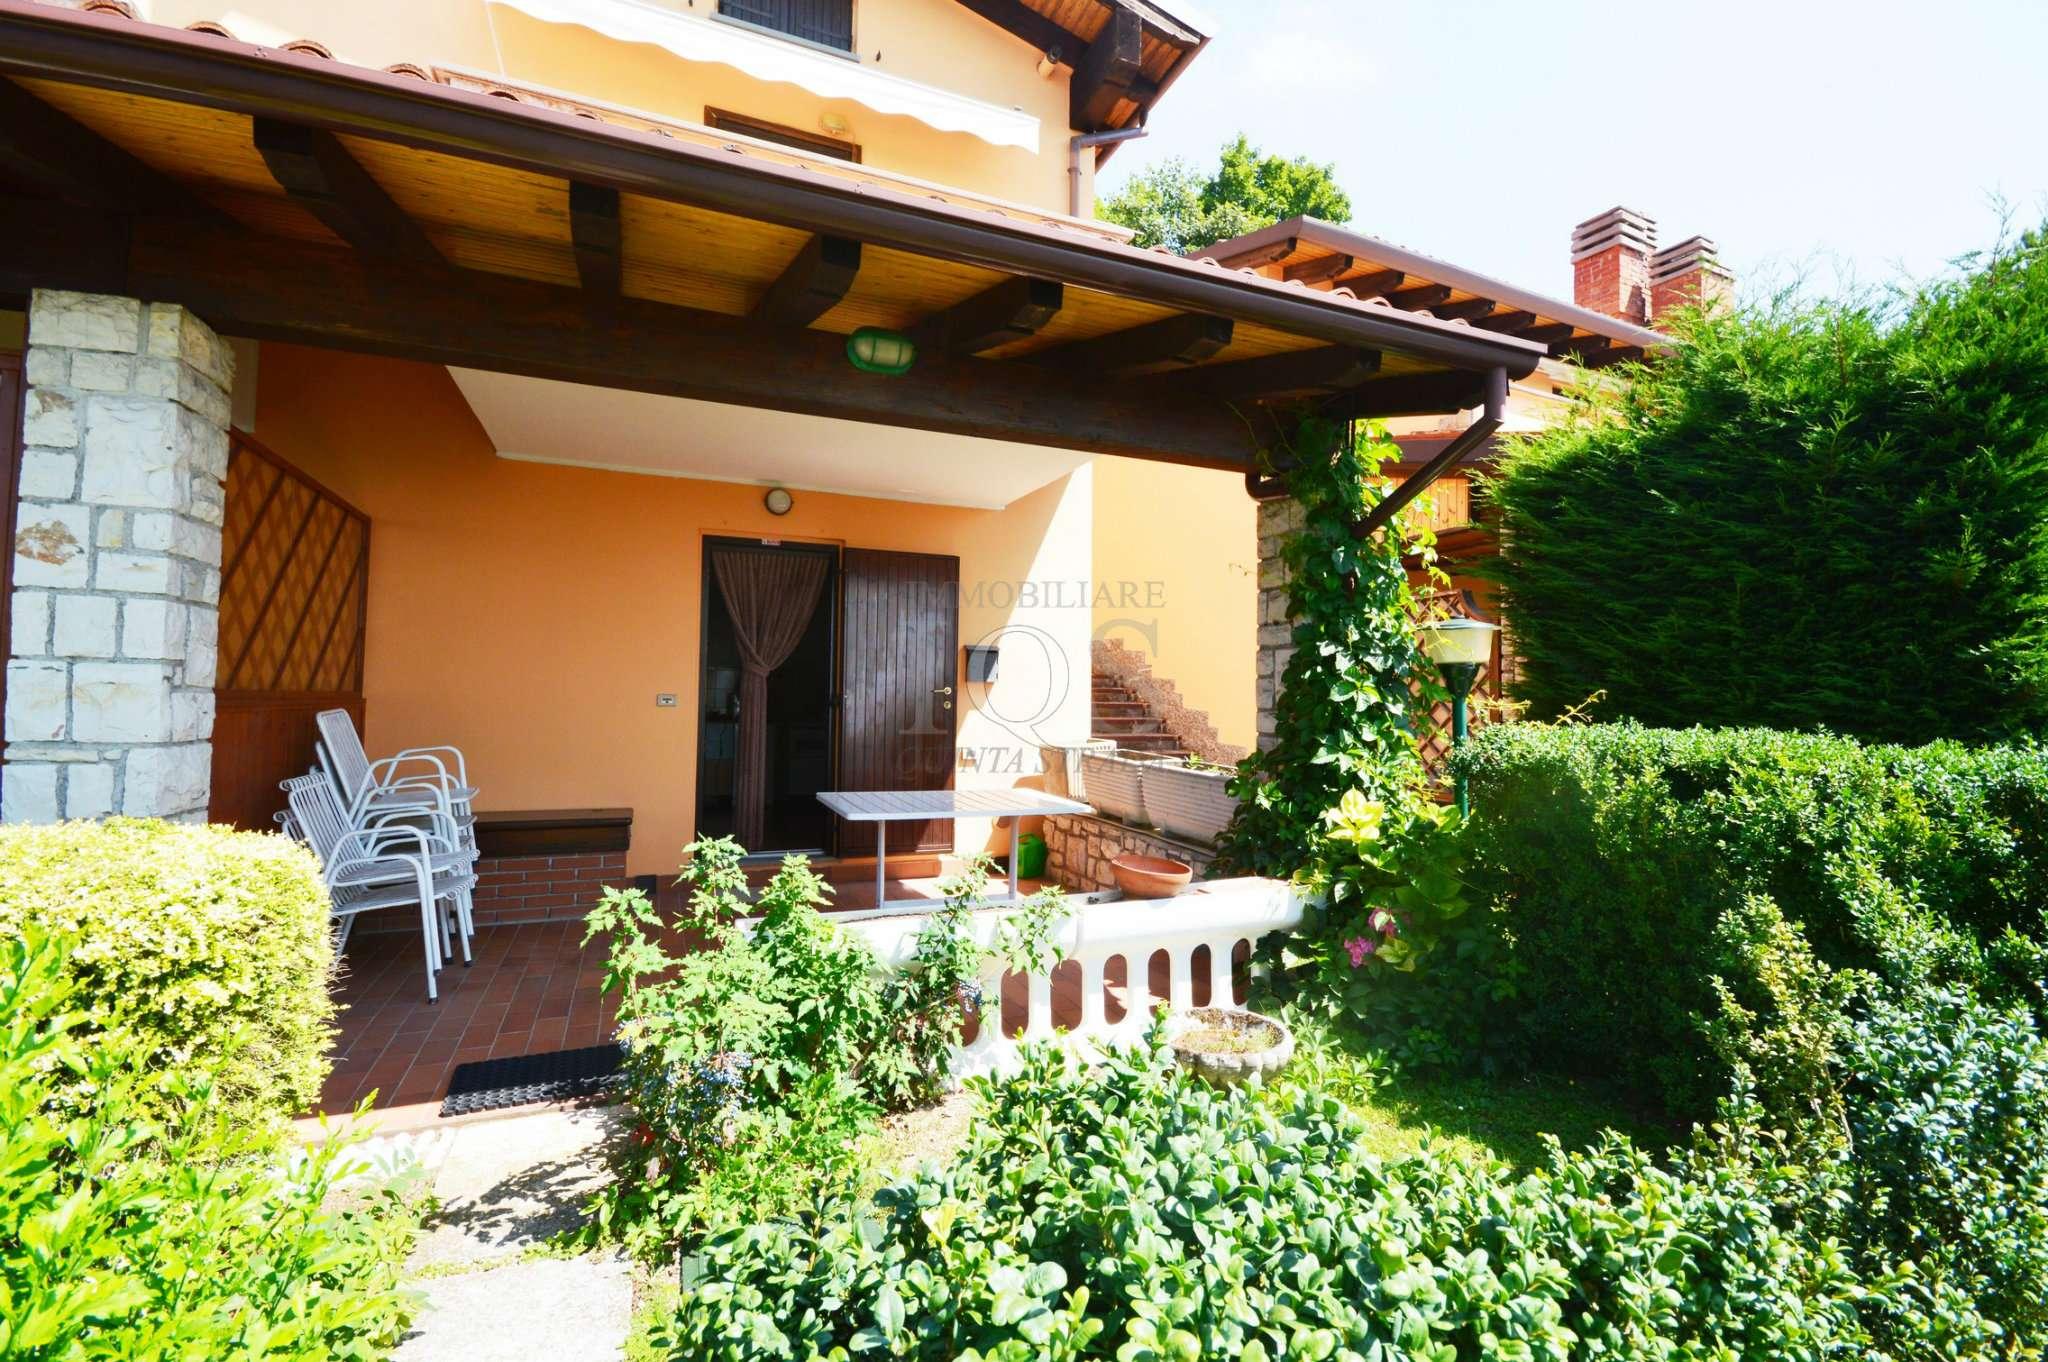 Appartamento in vendita a Grone, 2 locali, prezzo € 39.000 | PortaleAgenzieImmobiliari.it